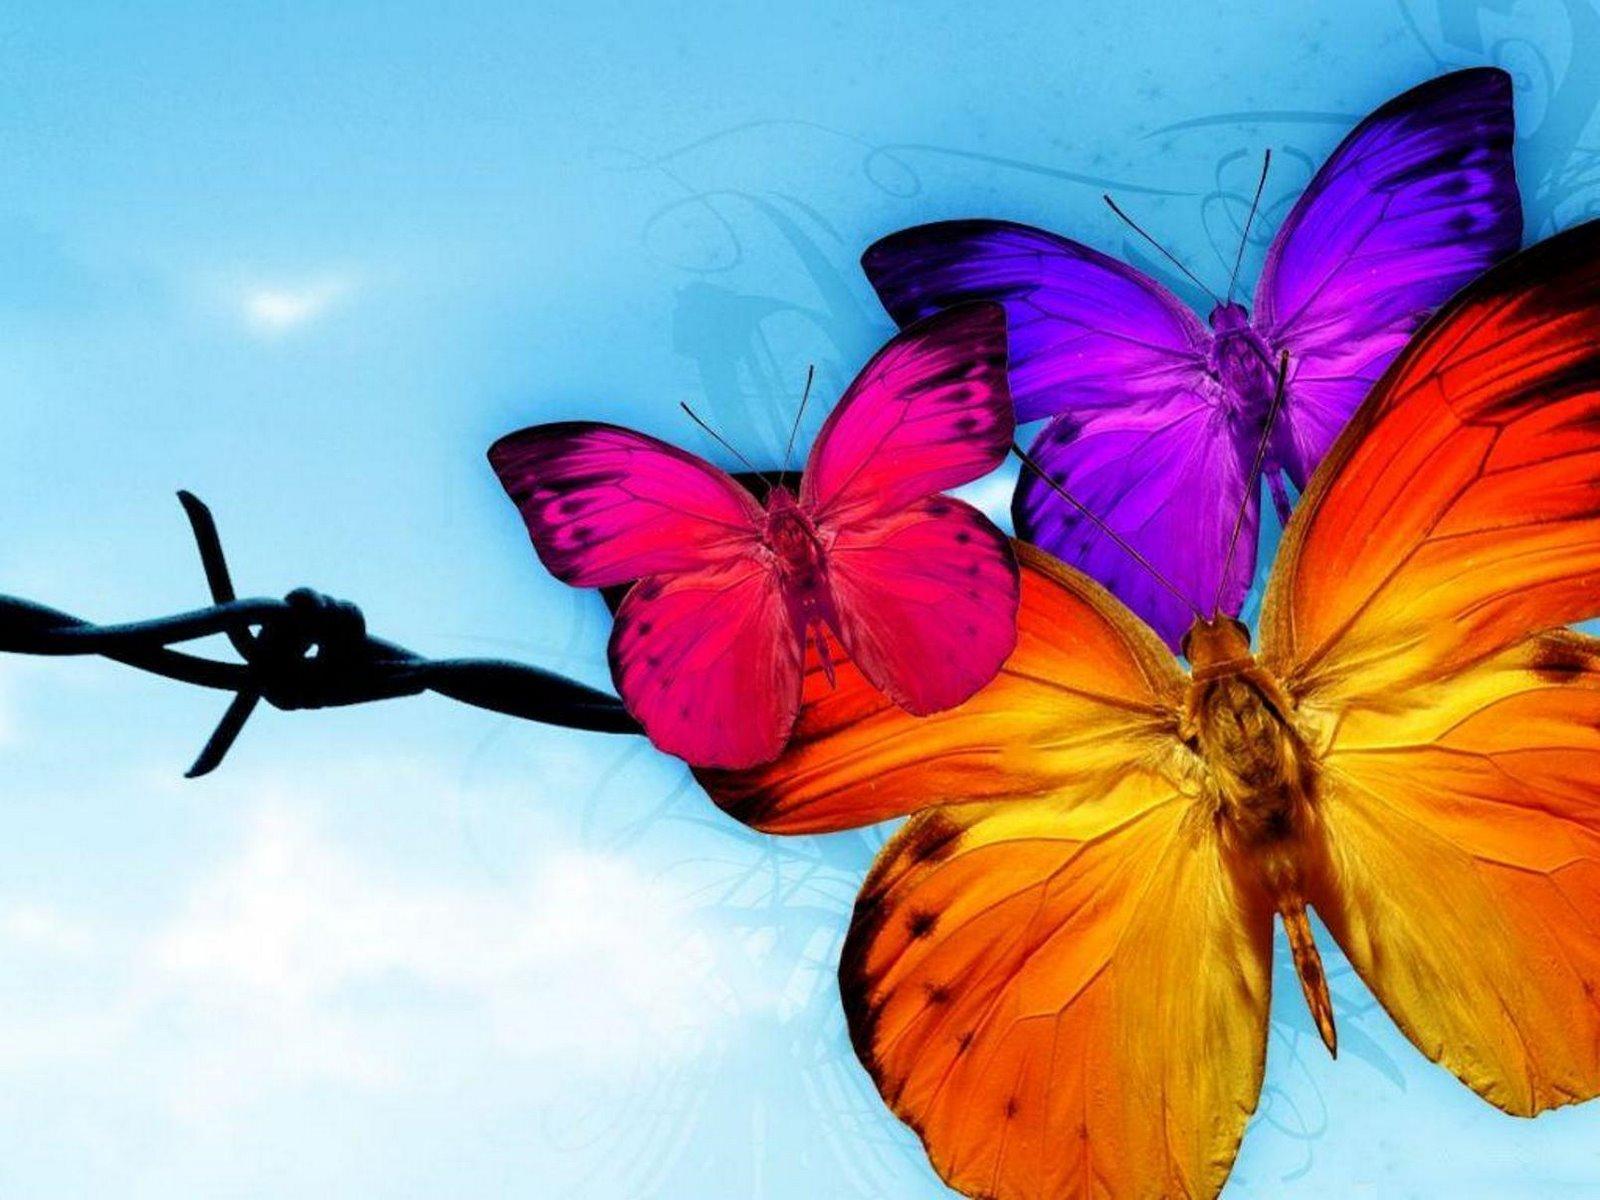 butterfly wallpaper Cute butterfly wallpaper Colorful butterfly 1600x1200